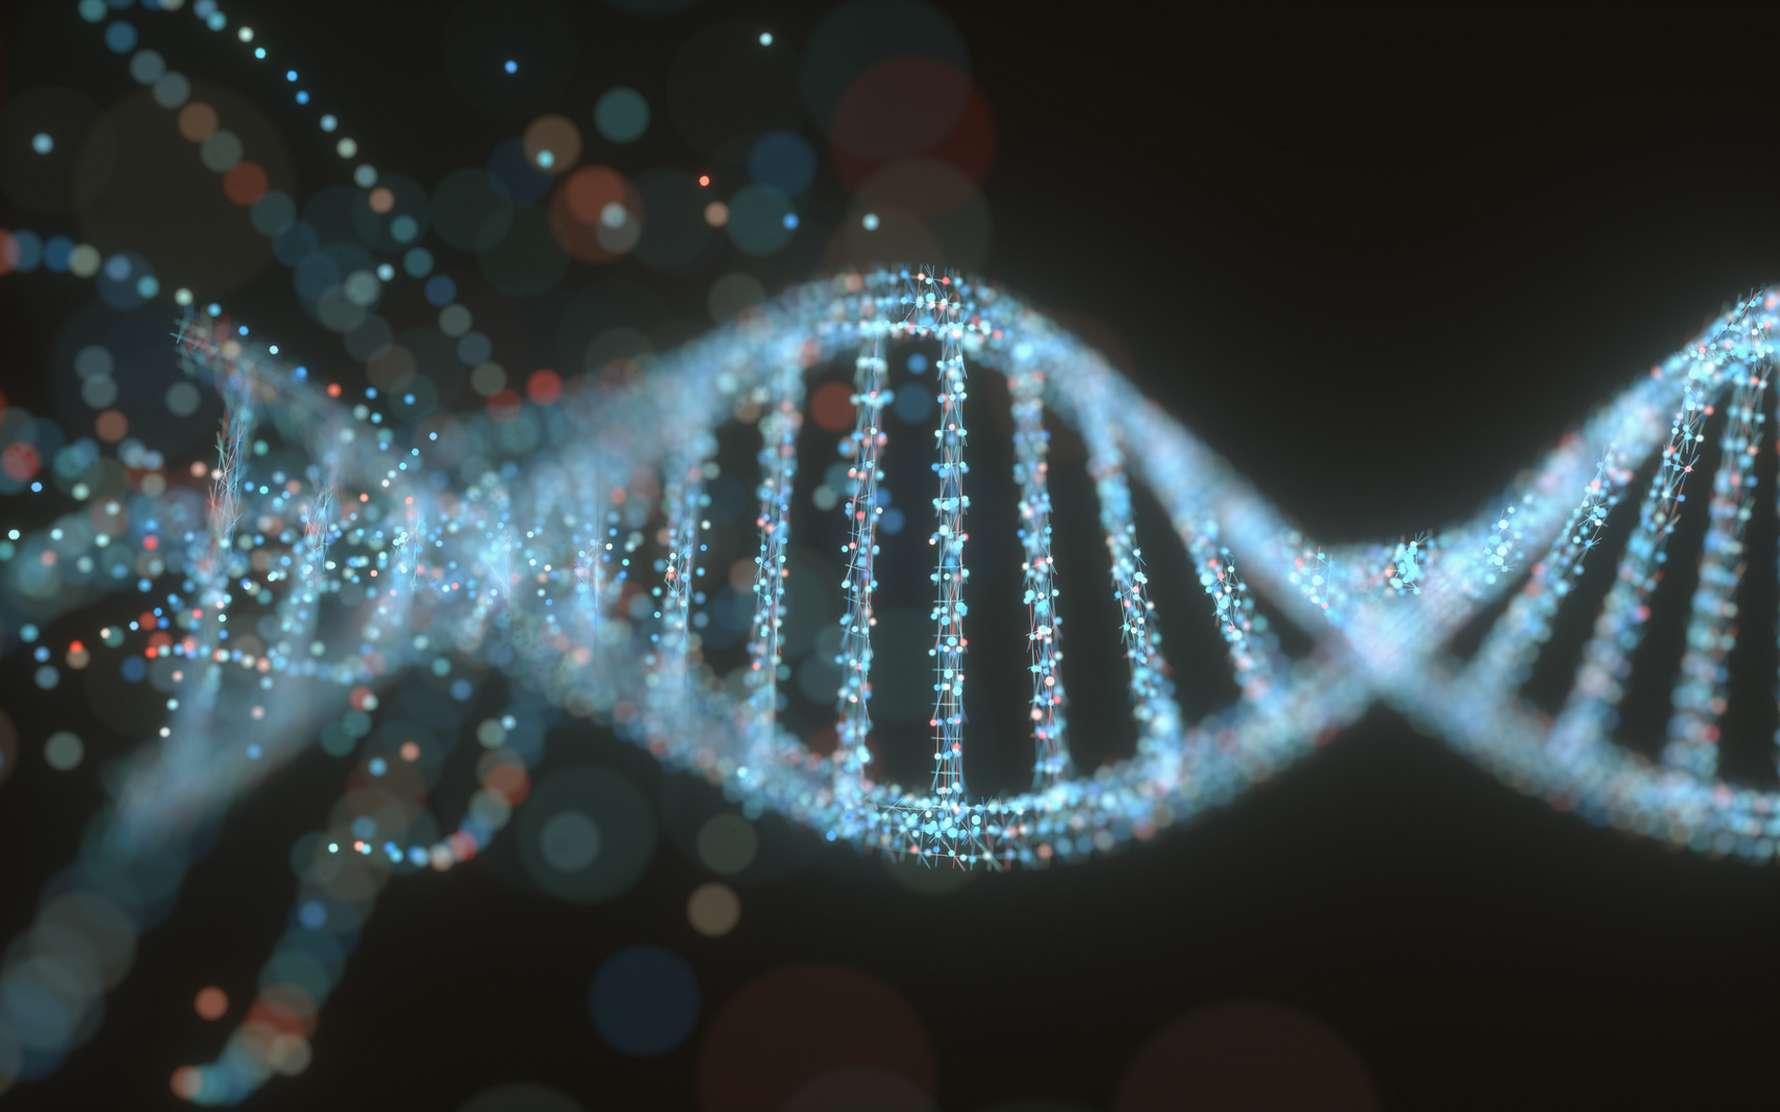 Le système CRISPR-Cas permet de modifier le génome. © ktsdesign, Fotolia